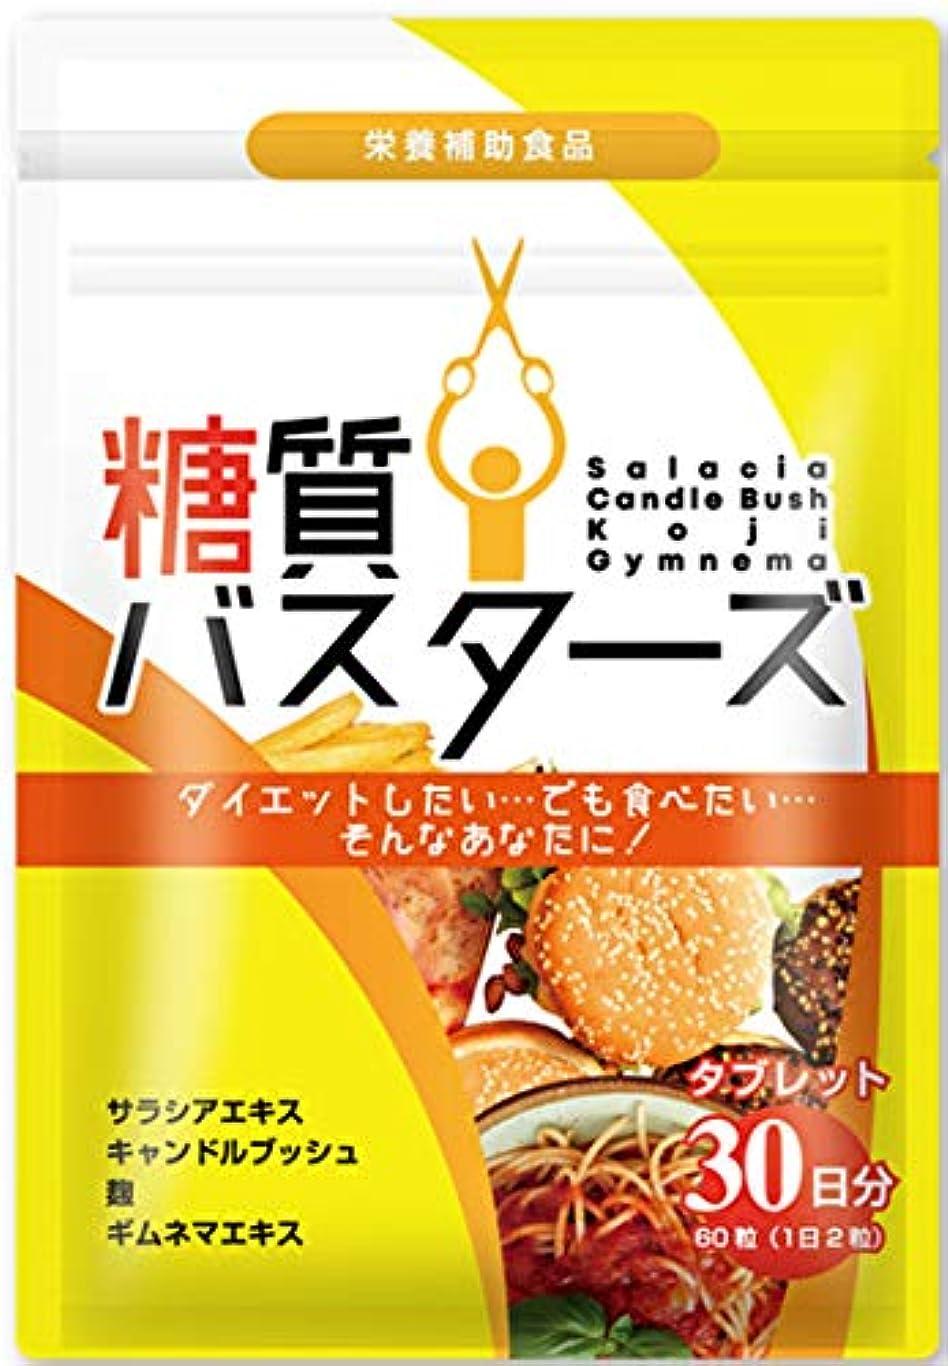 気分が良いドナー流用する糖質バスターズ (30日分) 糖質オフ 糖質カット 糖質制限 ダイエット 糖質 サラシア サプリ